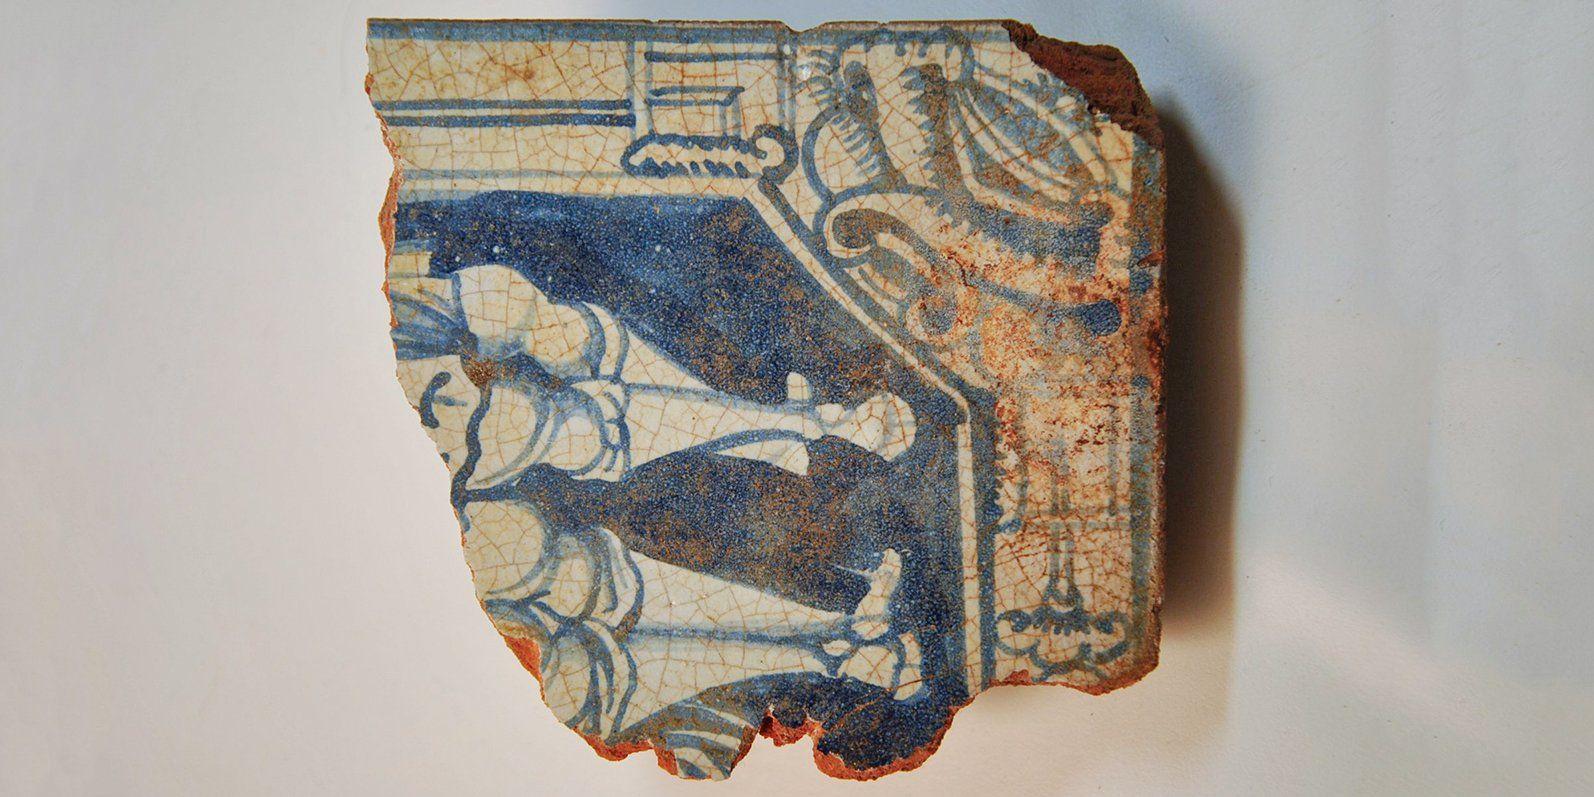 Чернолощенный кувшин и древние изразцы: археологи отреставрировали находки из Замоскворечья. Фото: сайт мэра Москвы